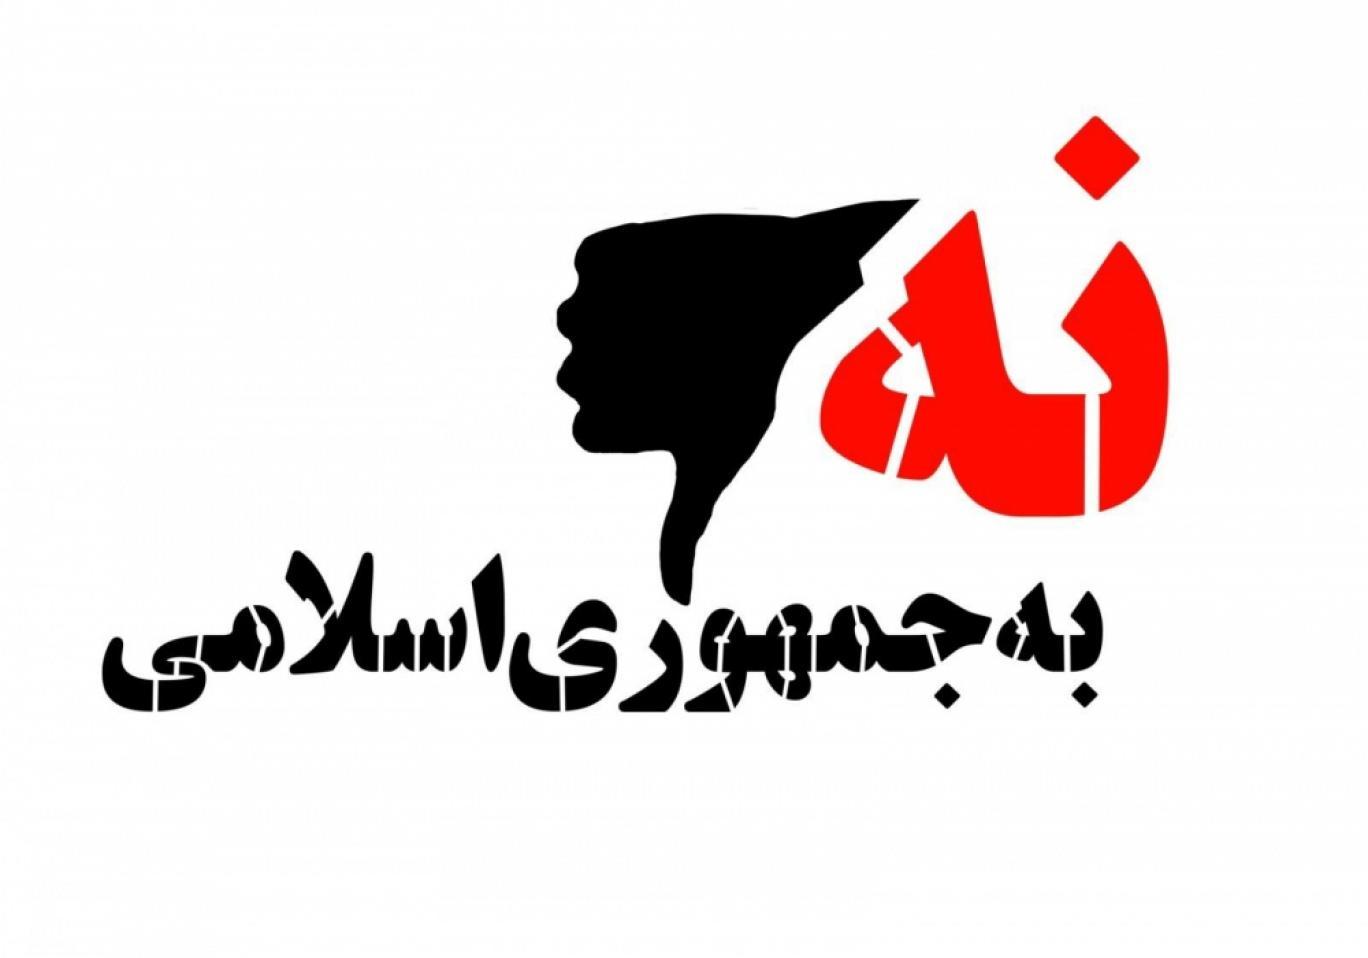 این صدای مردمی است که عزم جزم کردهاند تا بساط جمهوری اسلامی، این مانع اصلی دستیابی به آزادی، رفاه، دموکراسی، پیشرفت و حقوق بشر را برچینند